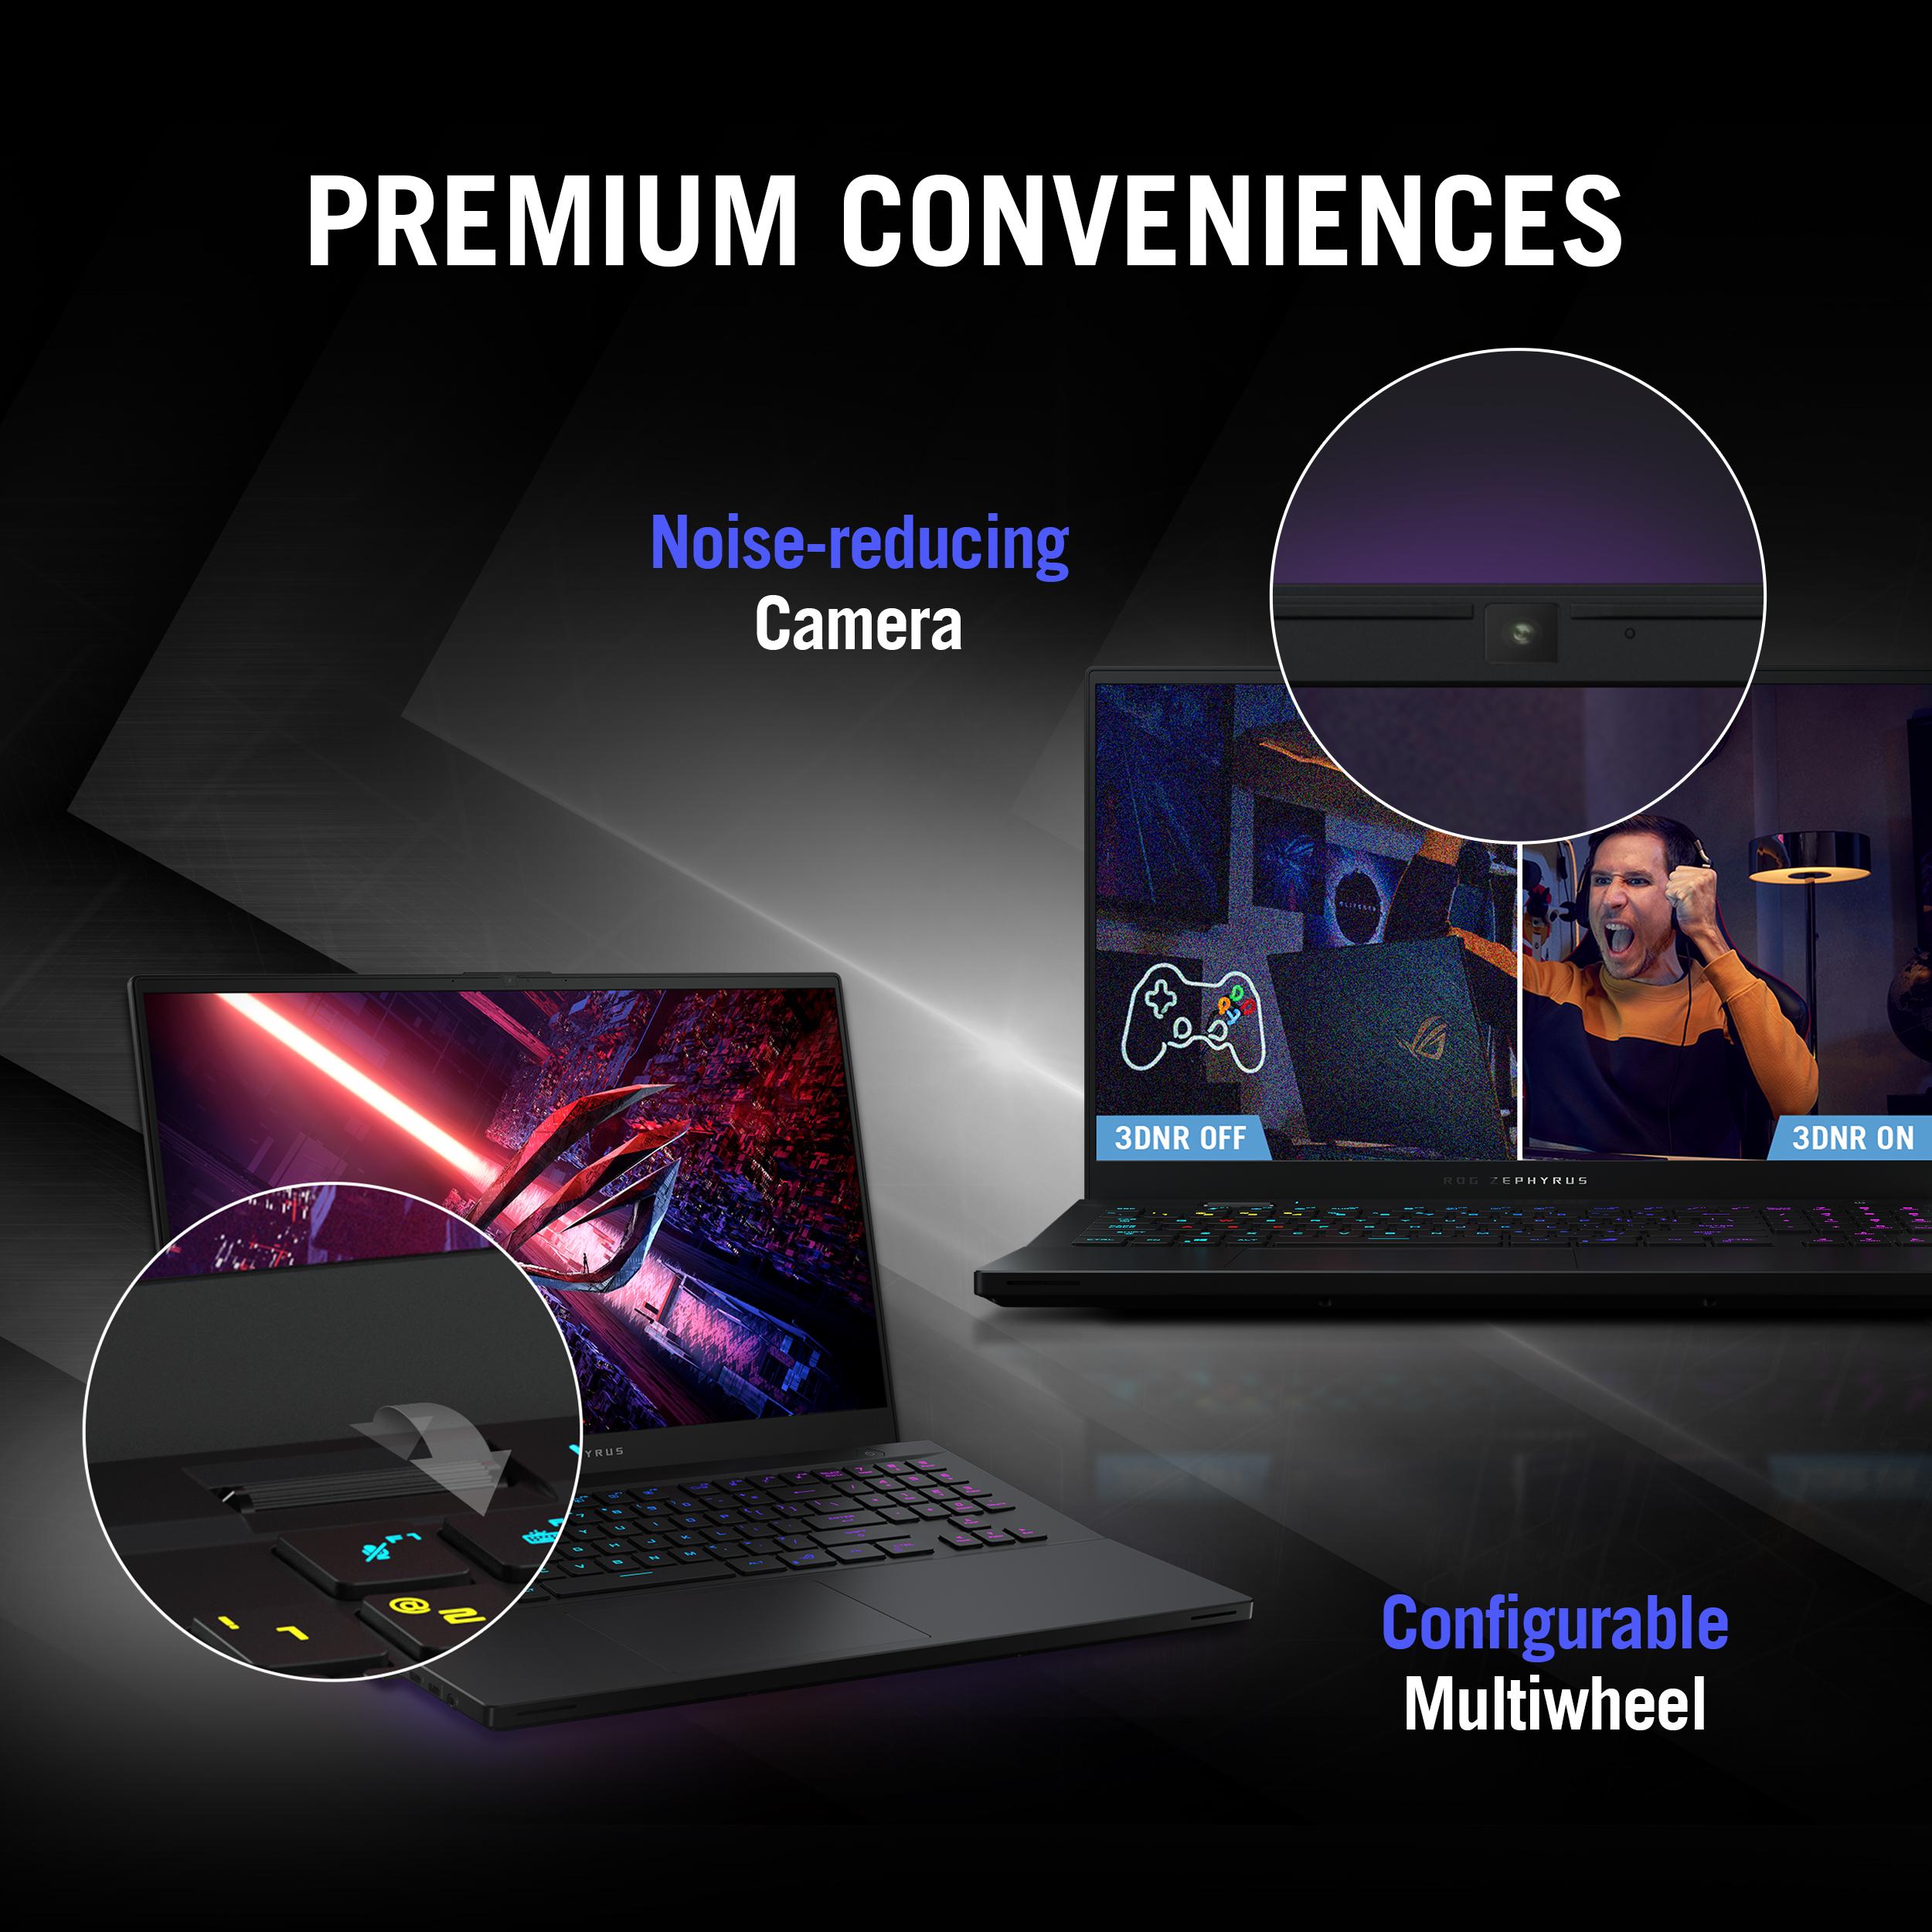 7.premium-conveniences-bk.jpg